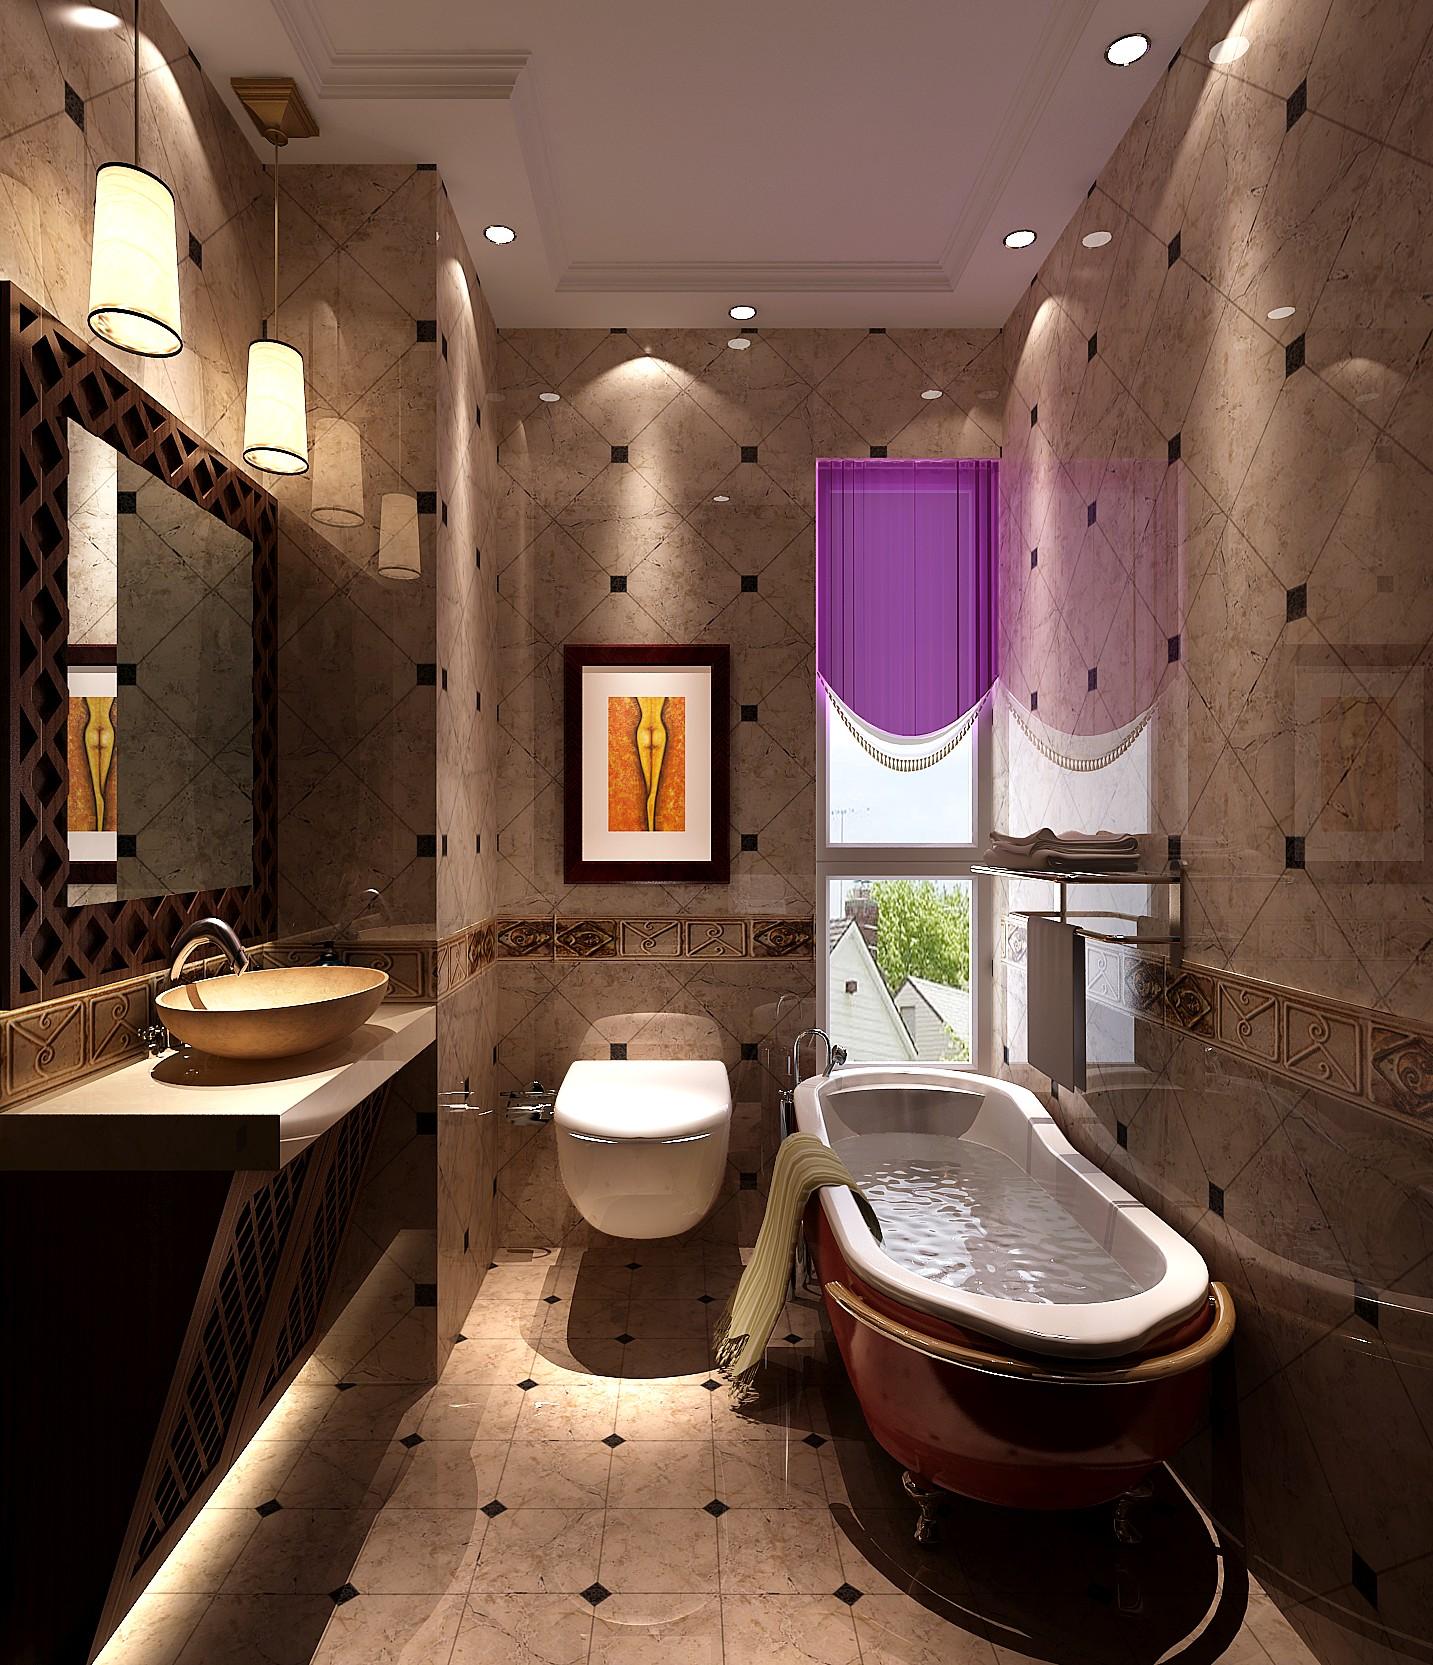 高度国际 混搭 三居 白领 80后 卫生间图片来自高度国际在8.5w打造个性中泰混搭 风格的分享